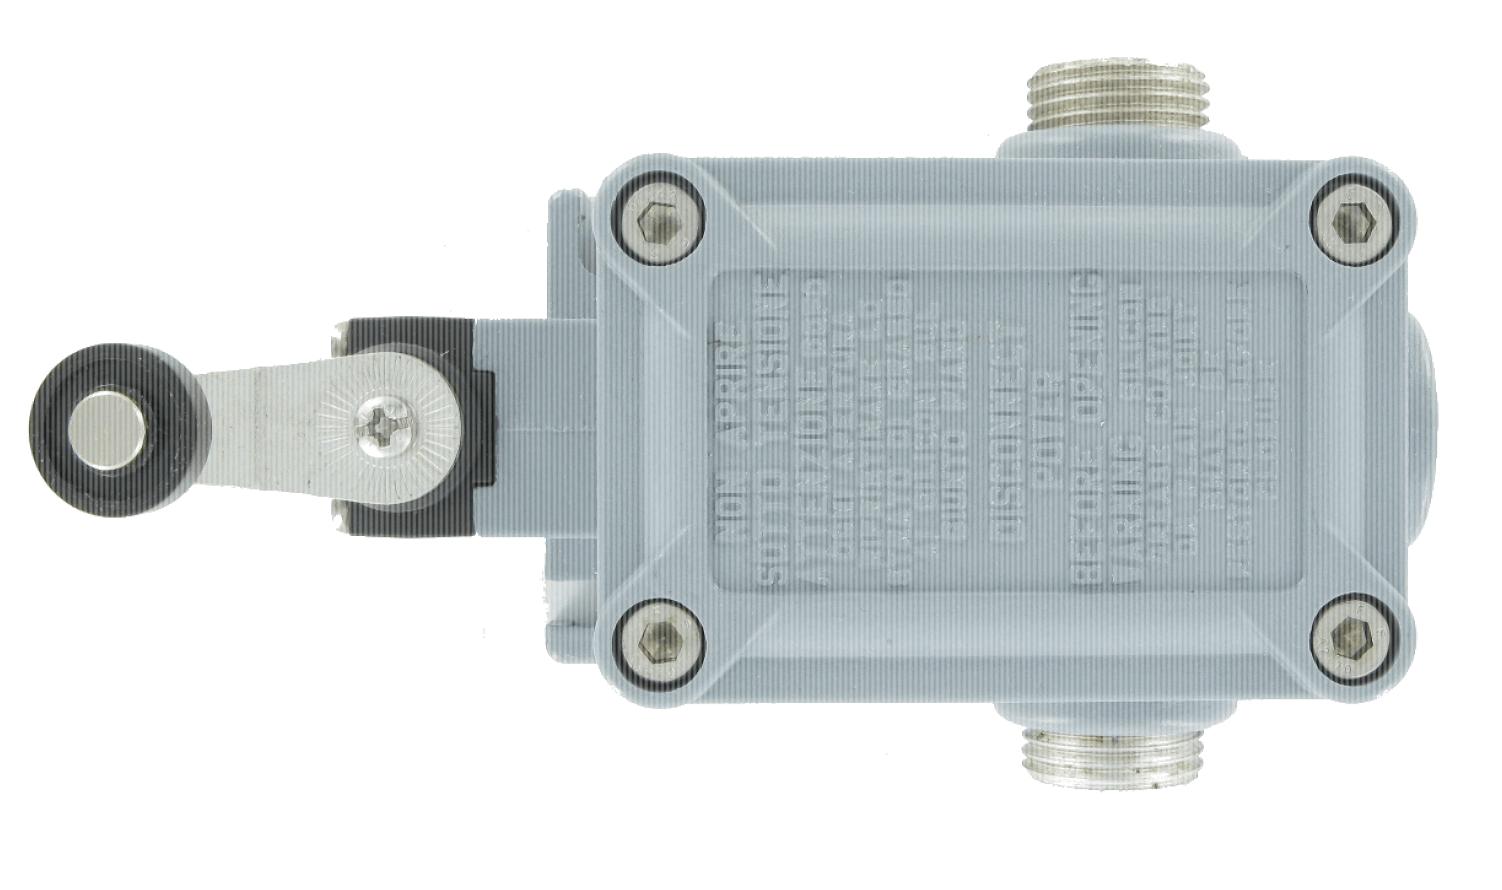 LS5130 Interrupteur de positions Atex